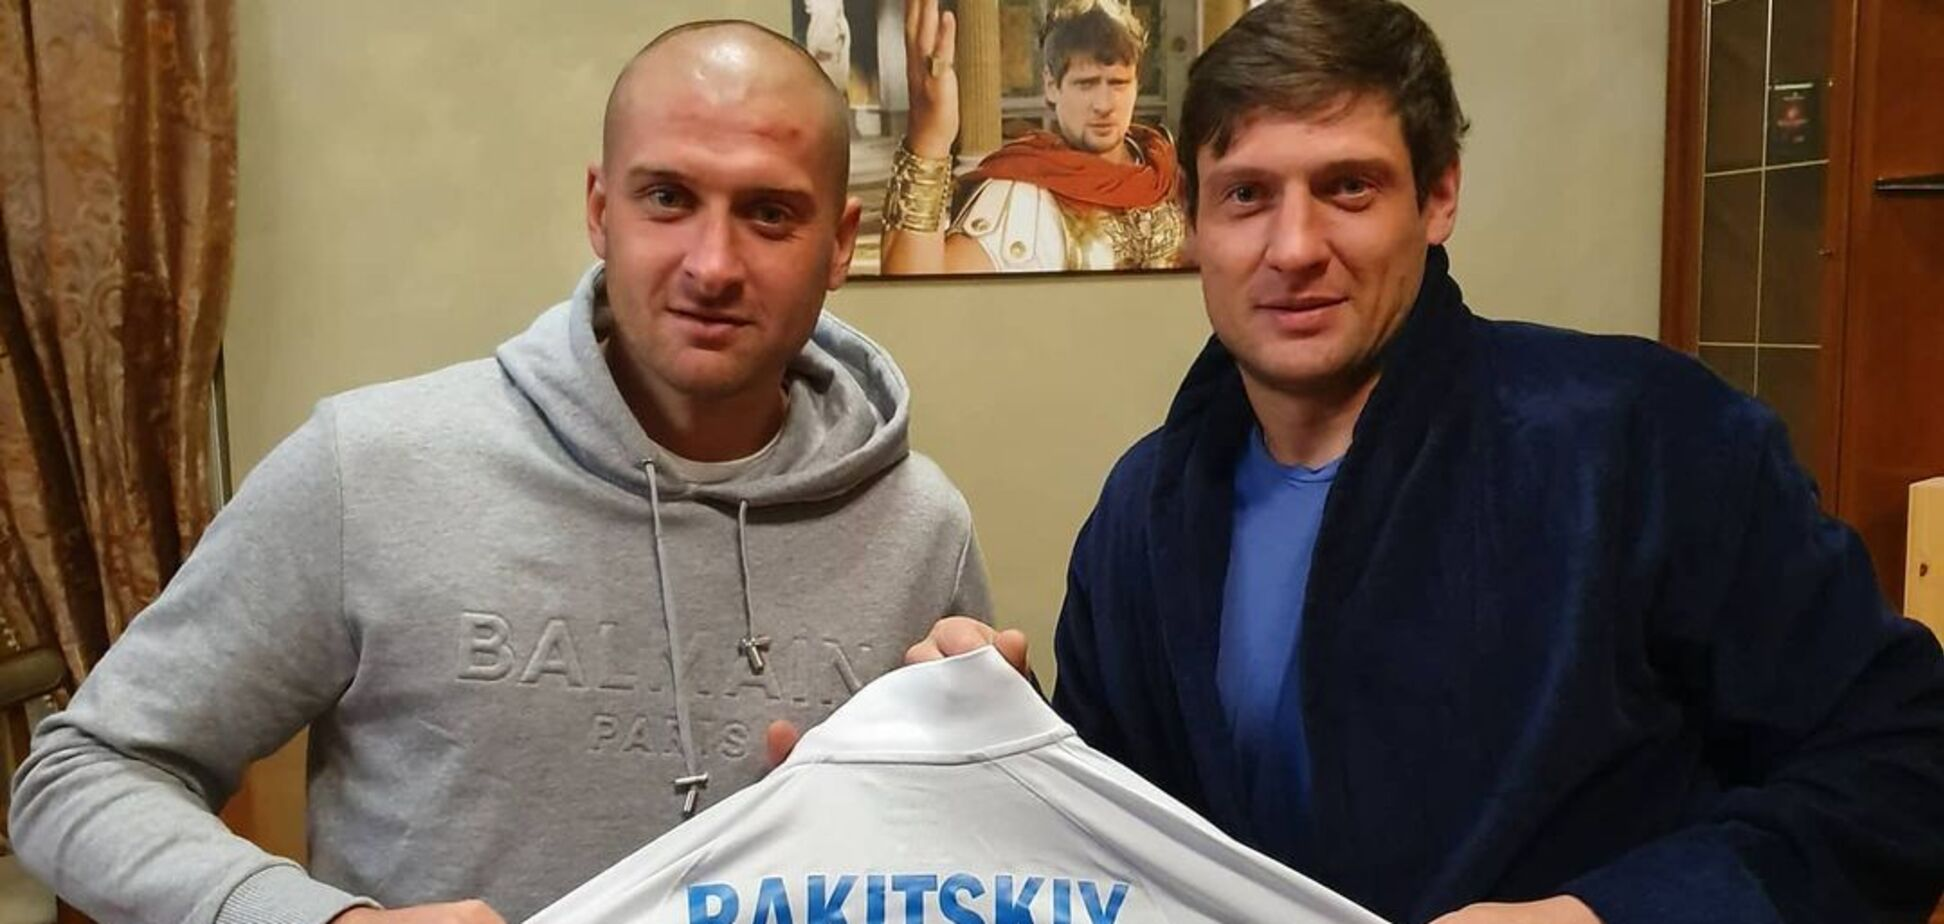 Ярослав Ракицкий и Евгений Селезнев